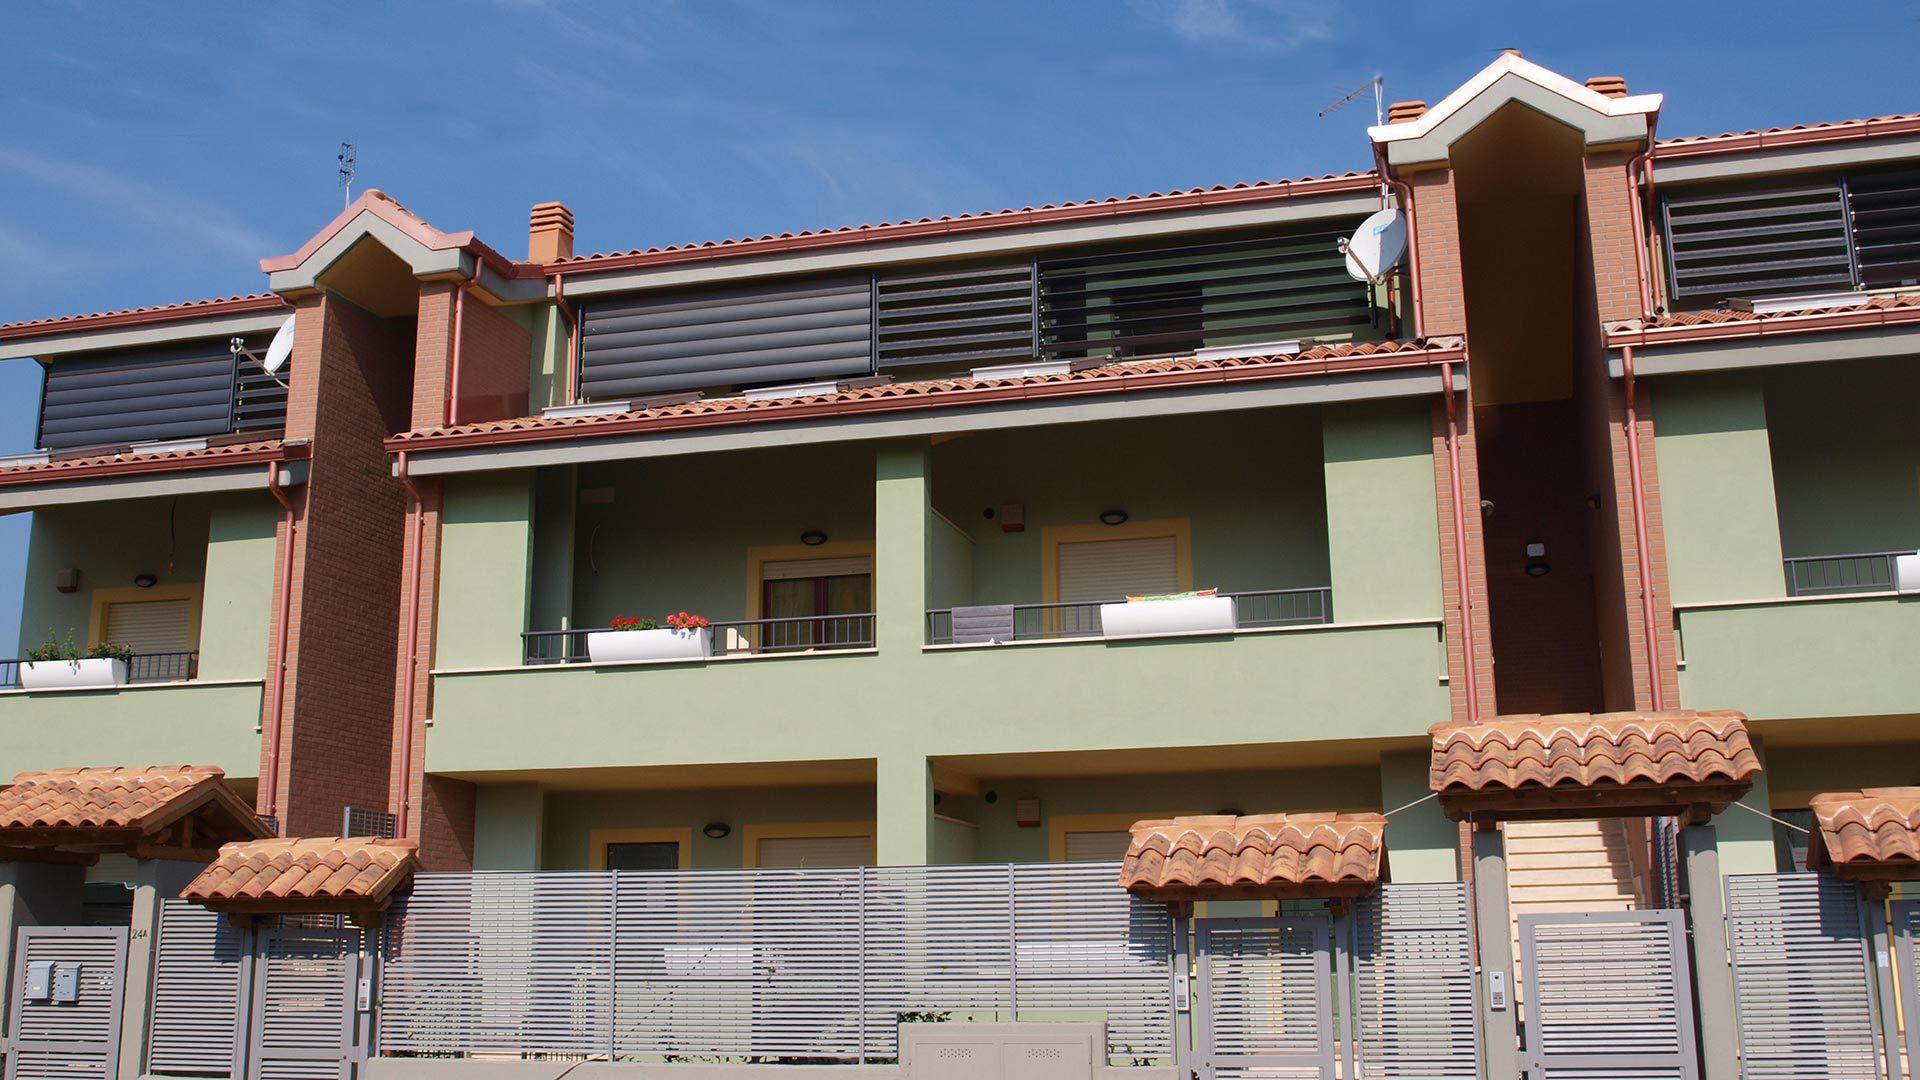 Nuove costruzioni giardini di corcolle roma residenze for Vendita case a roma da privati